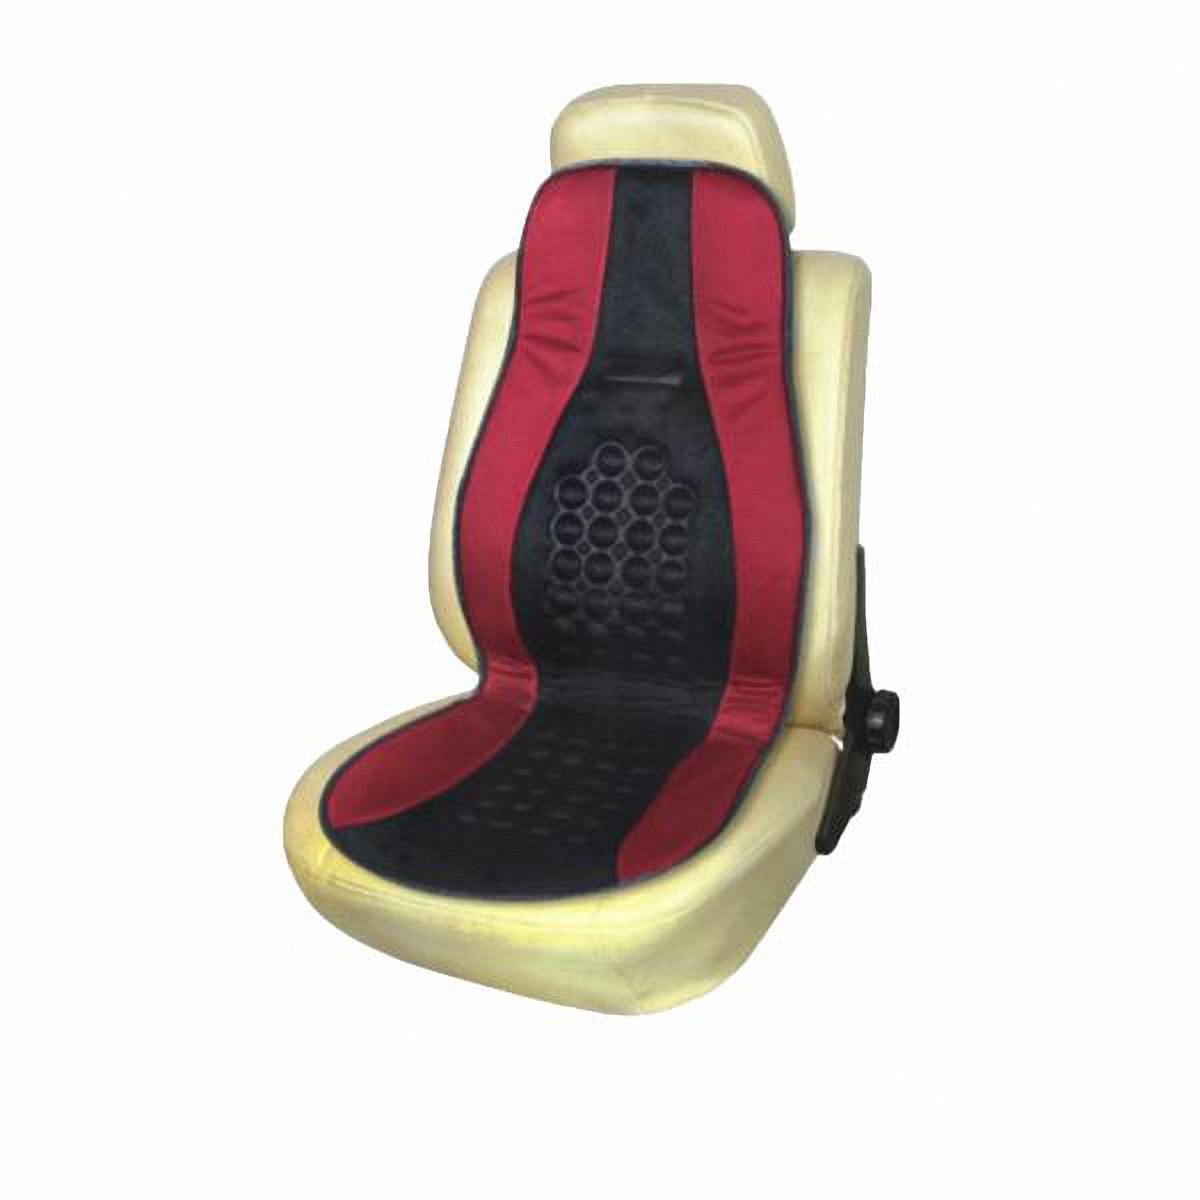 Накидка на сиденье Skyway. S01302002SW-102098 BK/RD S /S01302002Накидка на сиденье Skyway – это изящное сочетание стиля и качества. Выполненные из особого материала они расслабляют мышцы спины при поездке, благотворно влияя на позвоночник. Так просто получить ощущение легкого массажа. С ними салон становится уютнее, а сами сидения – удобнее.